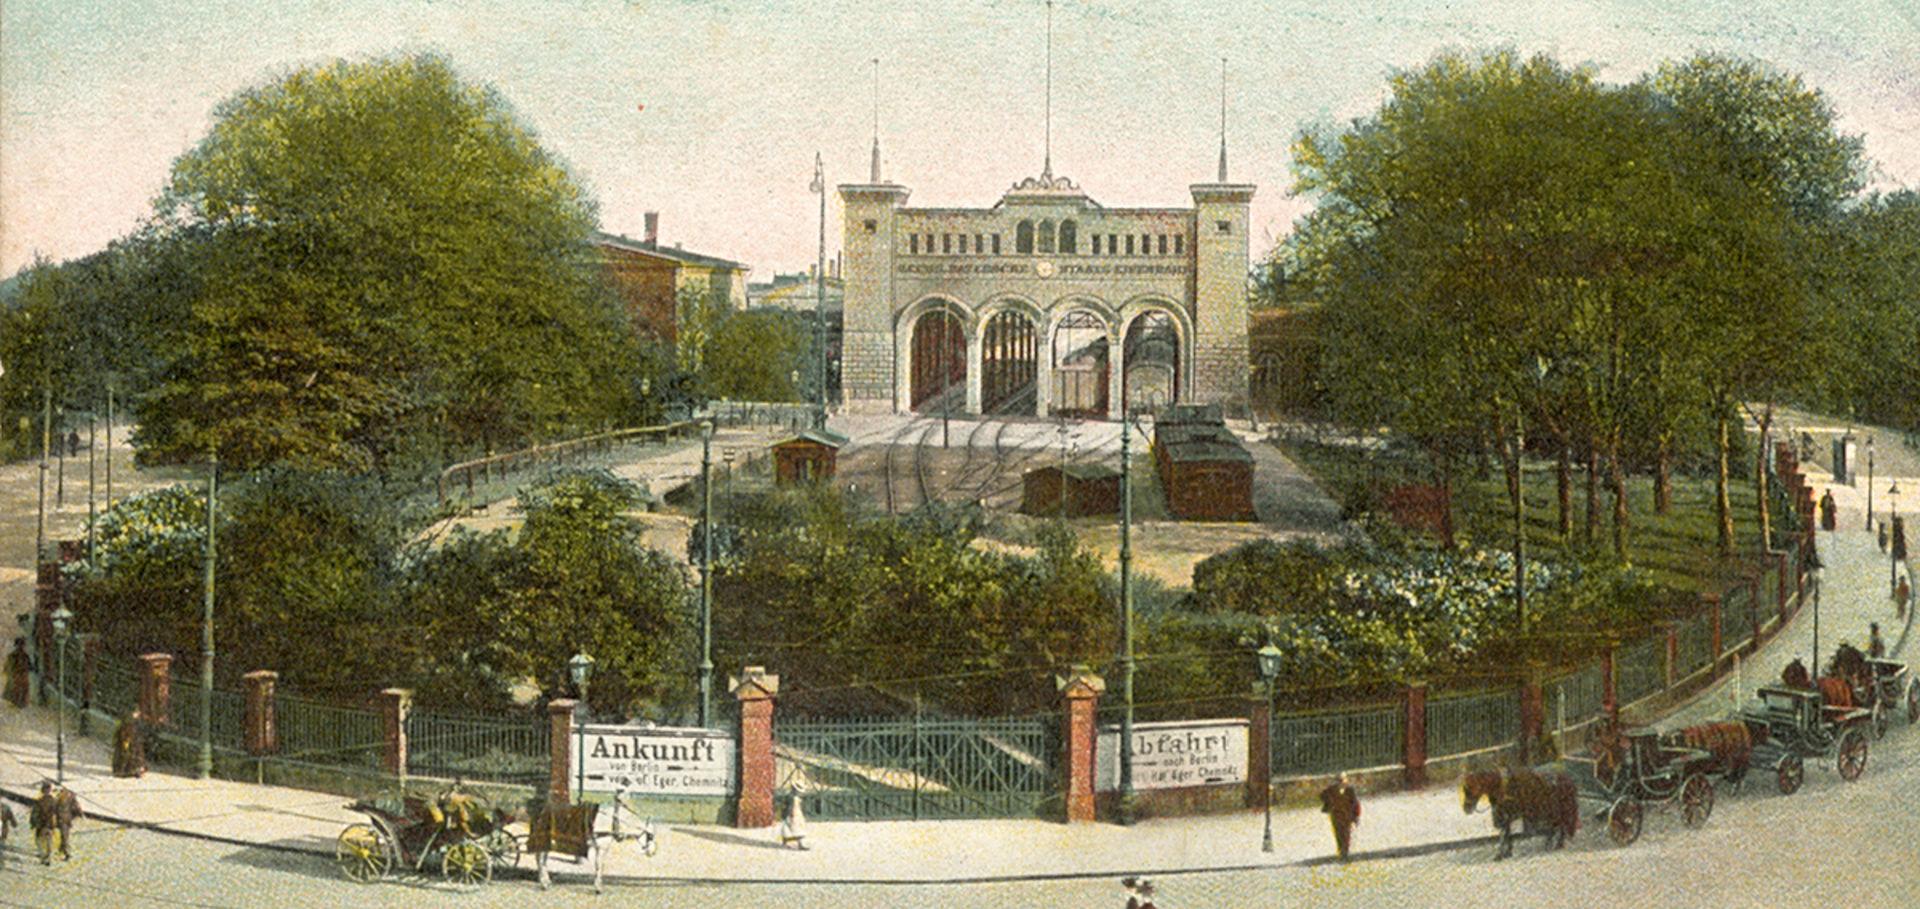 Historische Bayerischer Bahnhof in Leipzig.  © Sammlung Linz